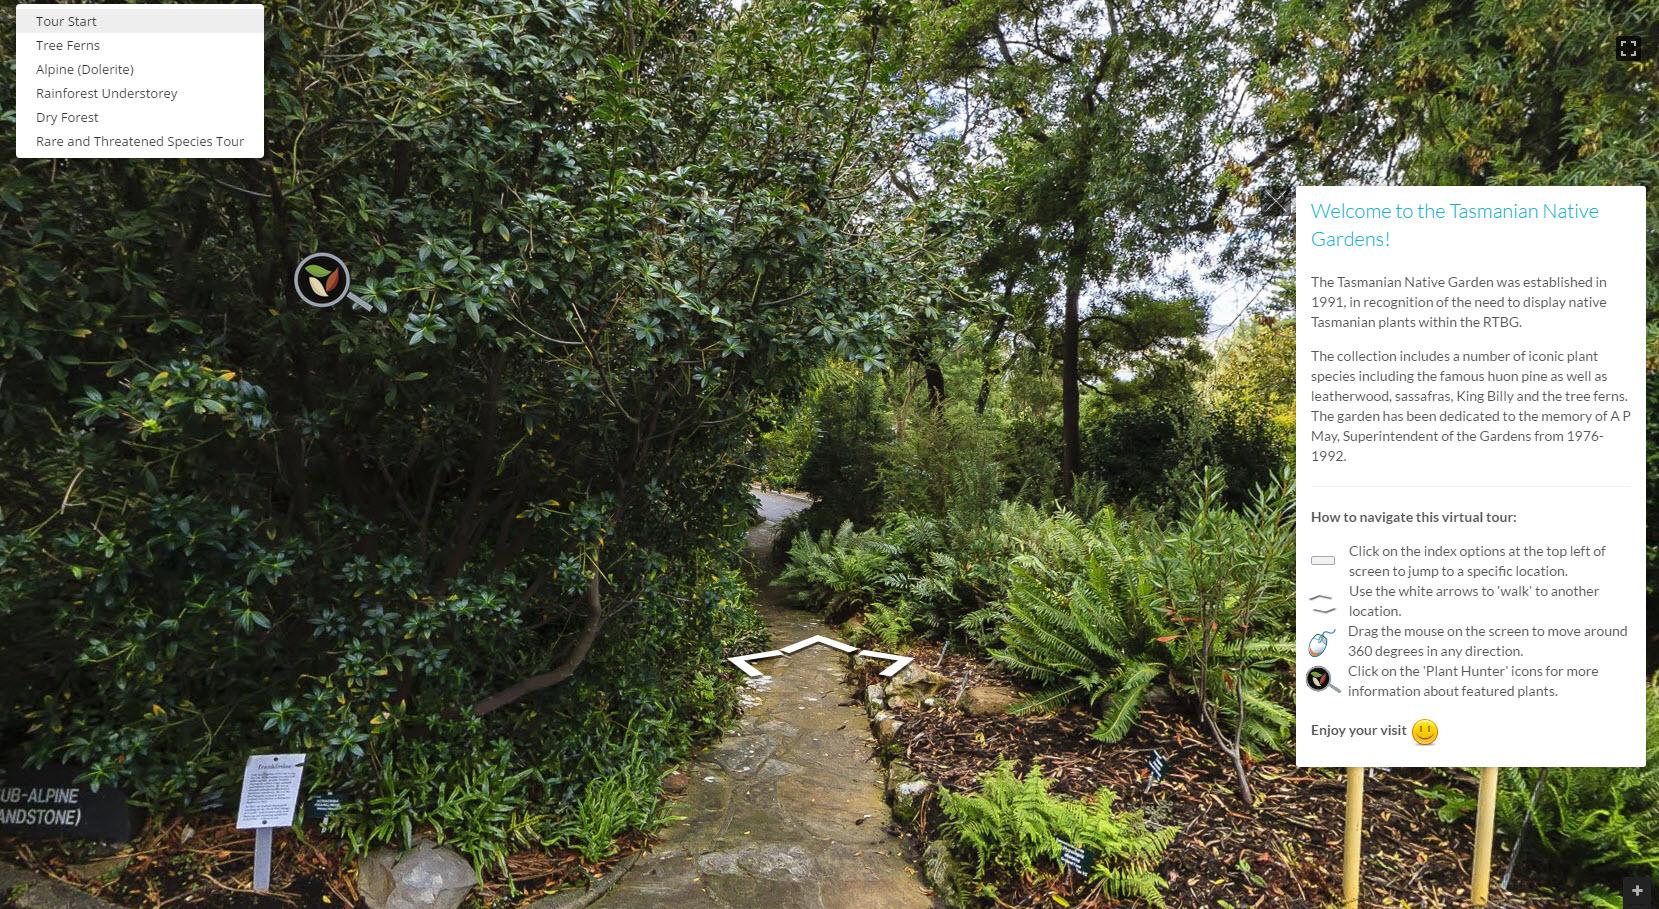 Virtual Garden entrance